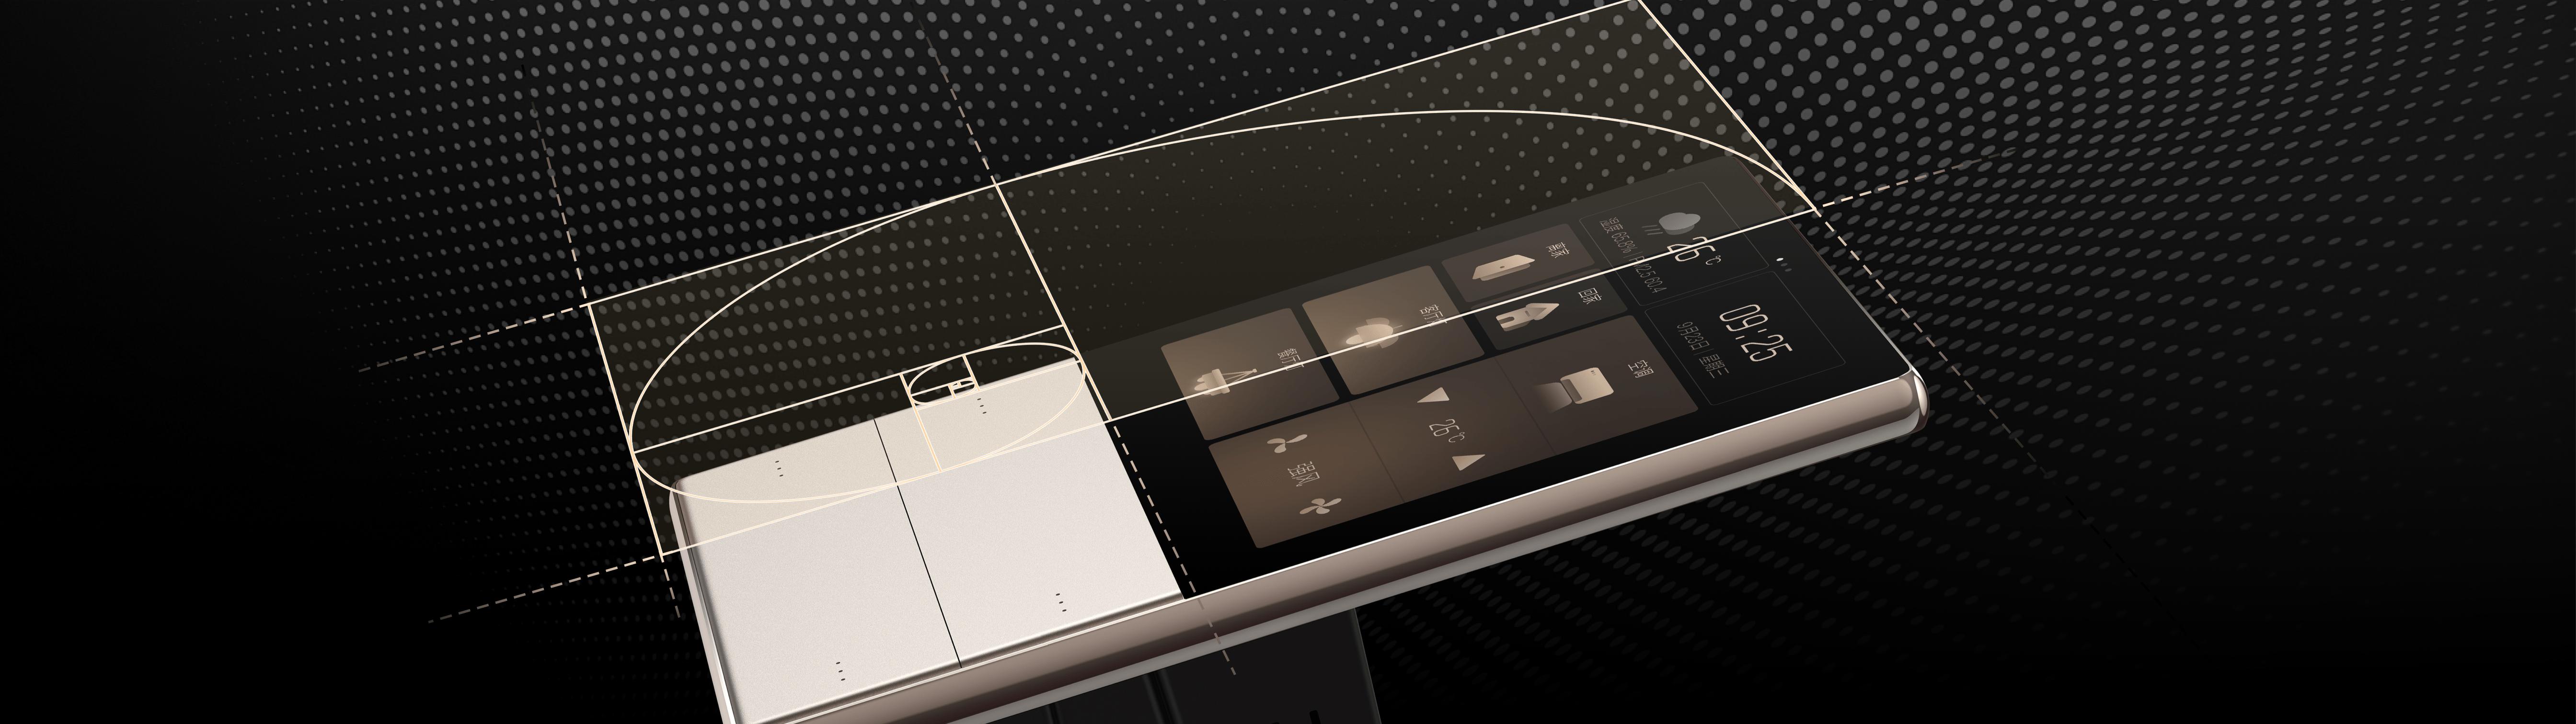 建设黑科技加持!恒大旗下星络家居发布全新智能空间产品